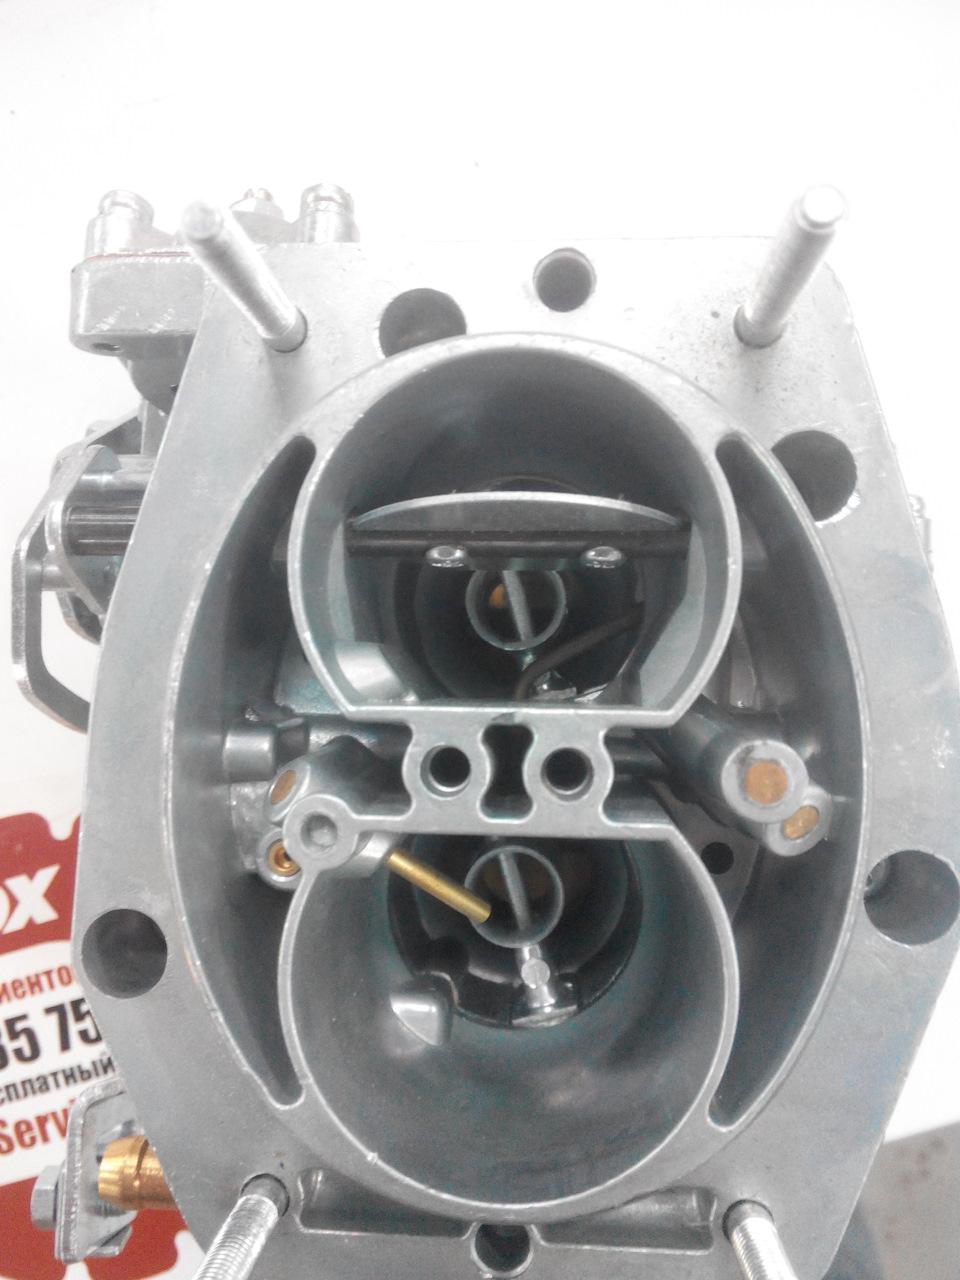 Carburetor VAZ-2101. Carburettor repair kit. How to choose a carburetor on VAZ-2101